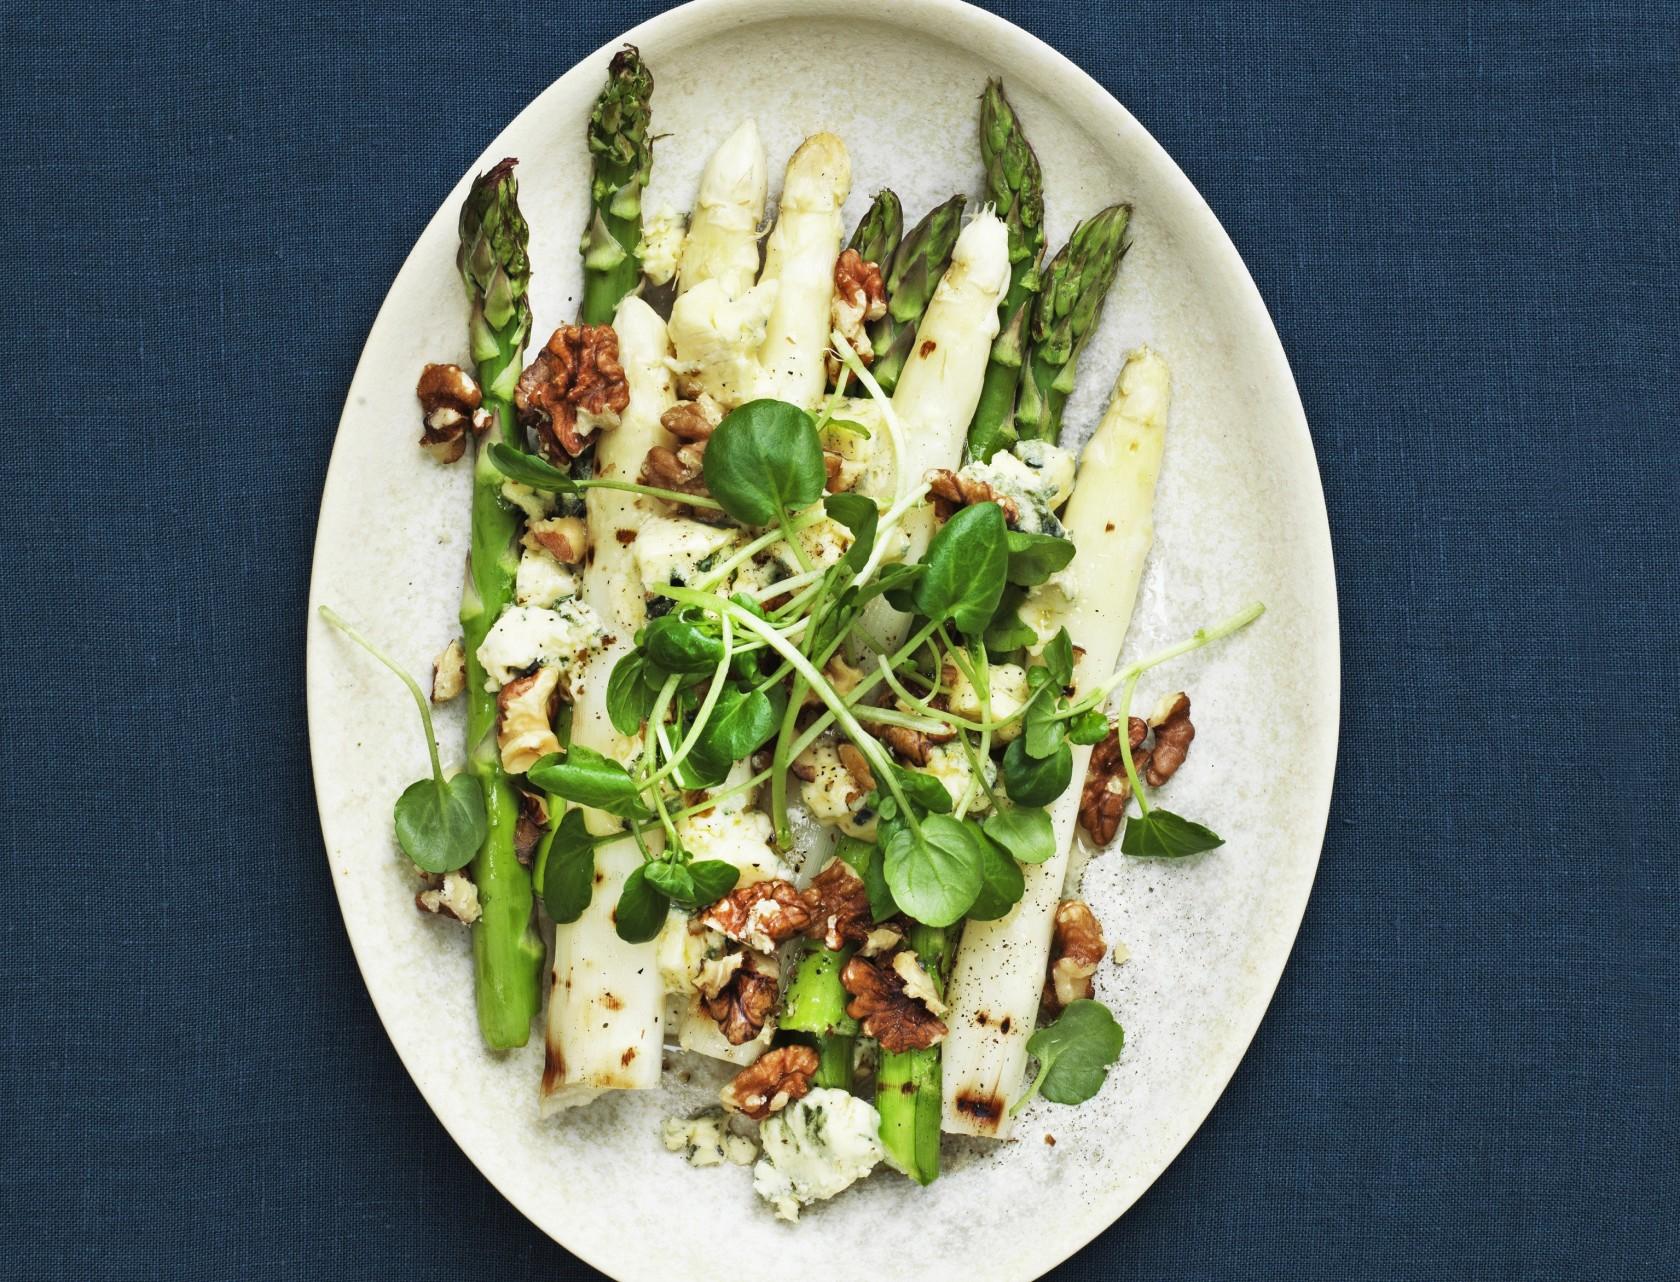 Grillede asparges med ost og valnødder - god opskrift på forret eller tilbehør.